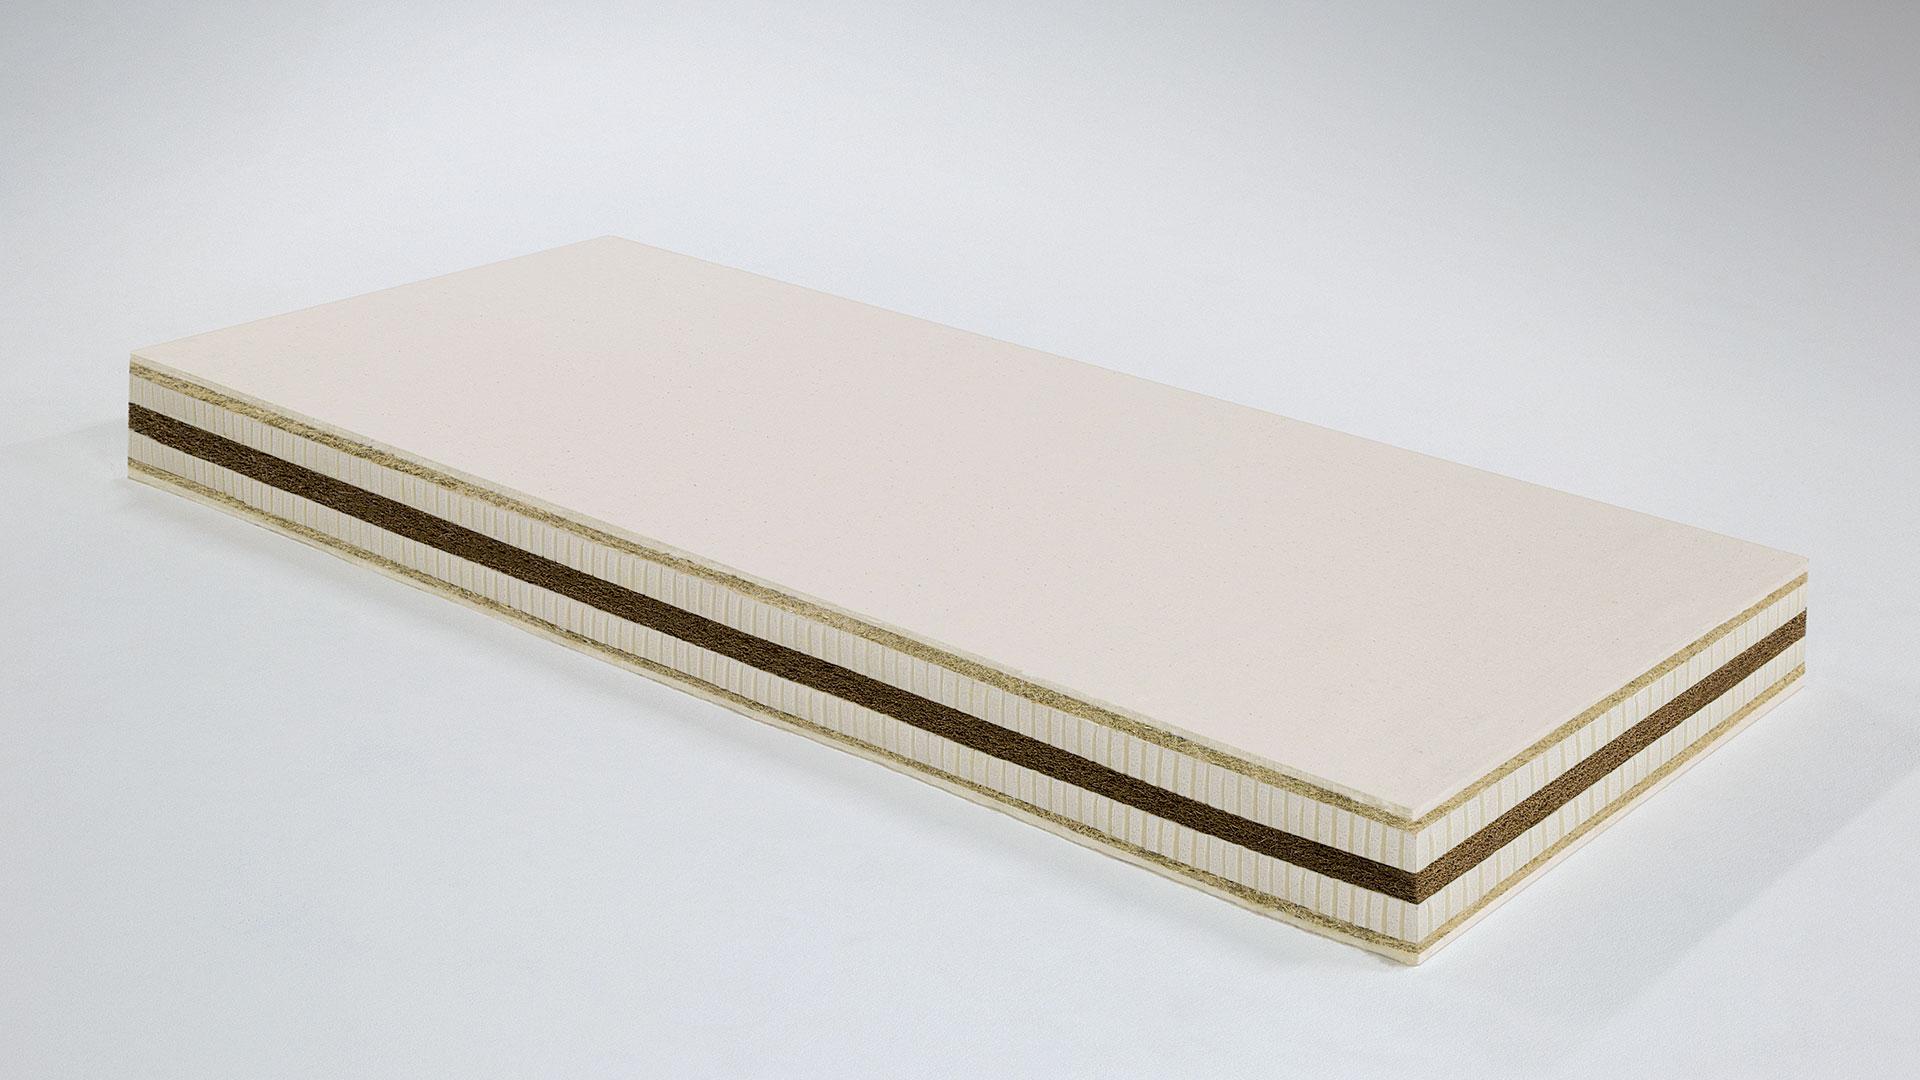 feste lattenroste schlafzimmer bett 200x200 kylie minogue bettw sche tapeten pastel leopard. Black Bedroom Furniture Sets. Home Design Ideas